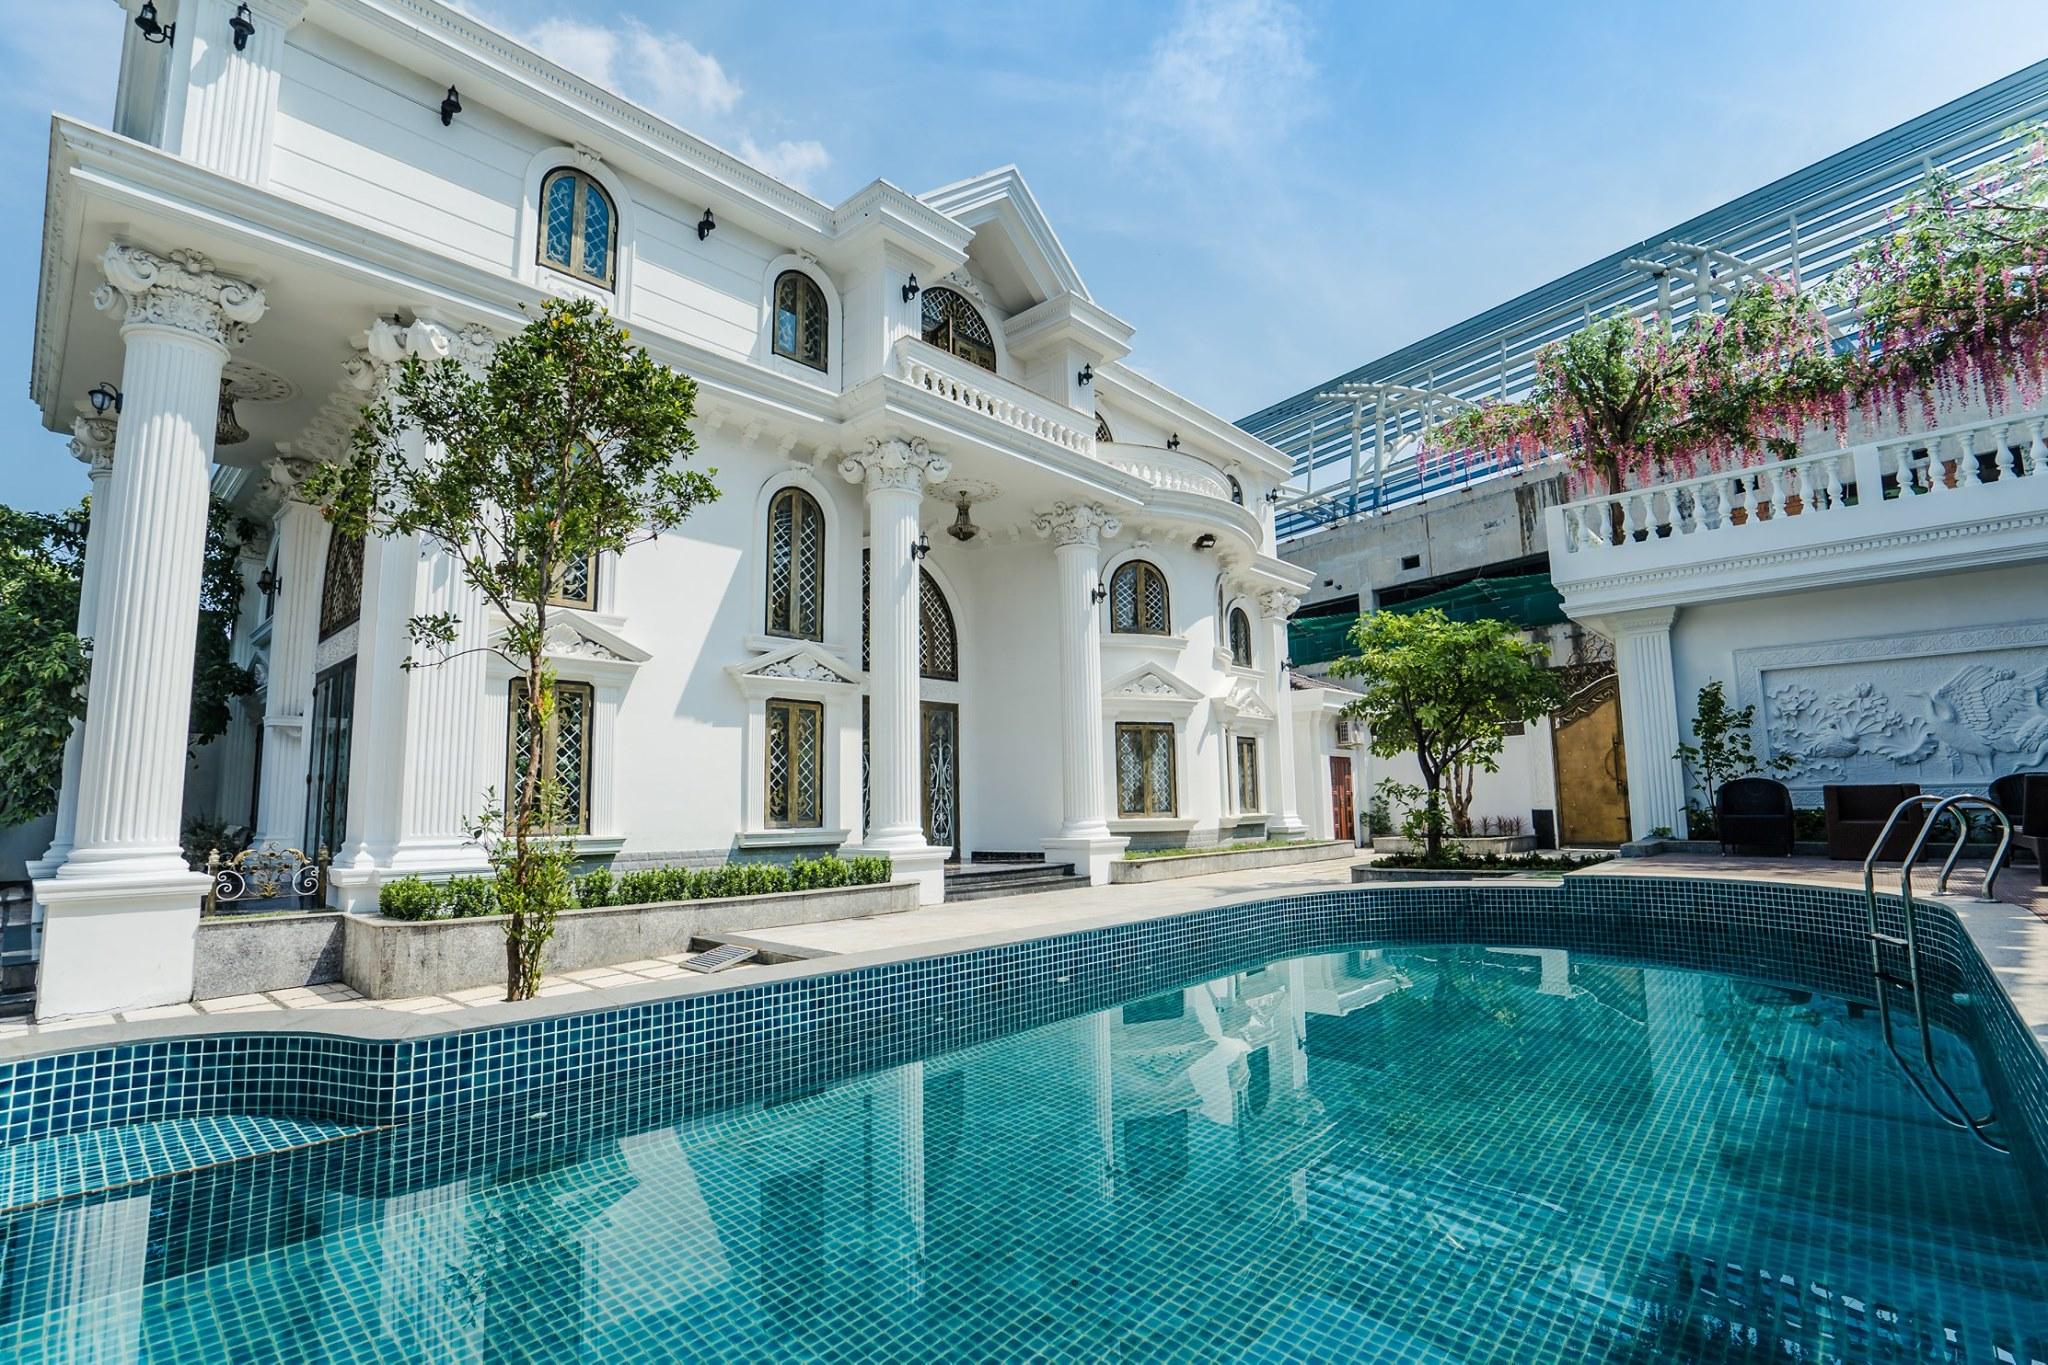 Lâu đài Ma Belle Quận 2 - TP Hồ Chí Minh